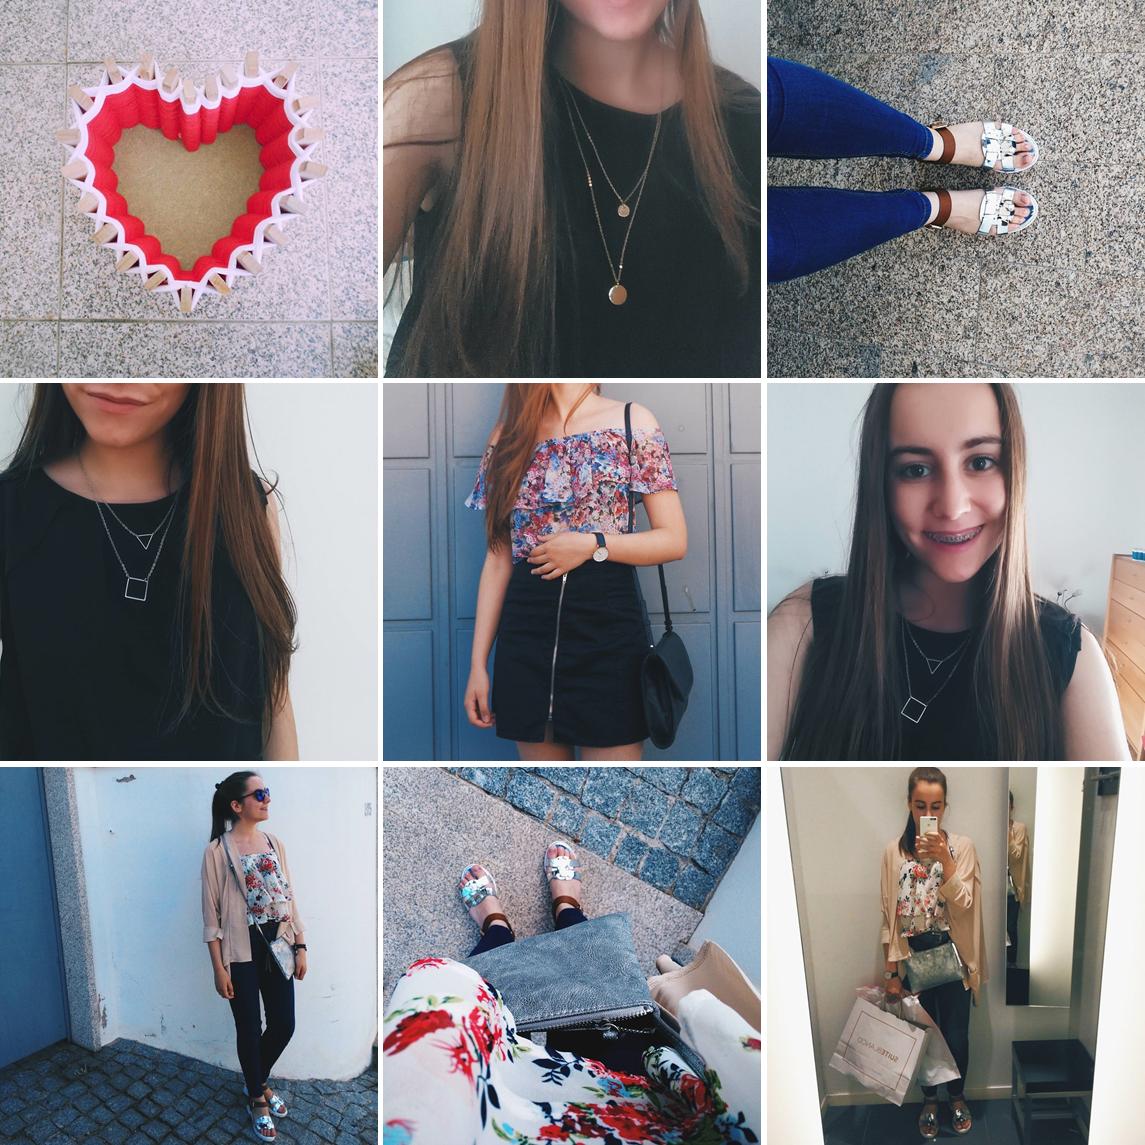 #19 My days through Instagram